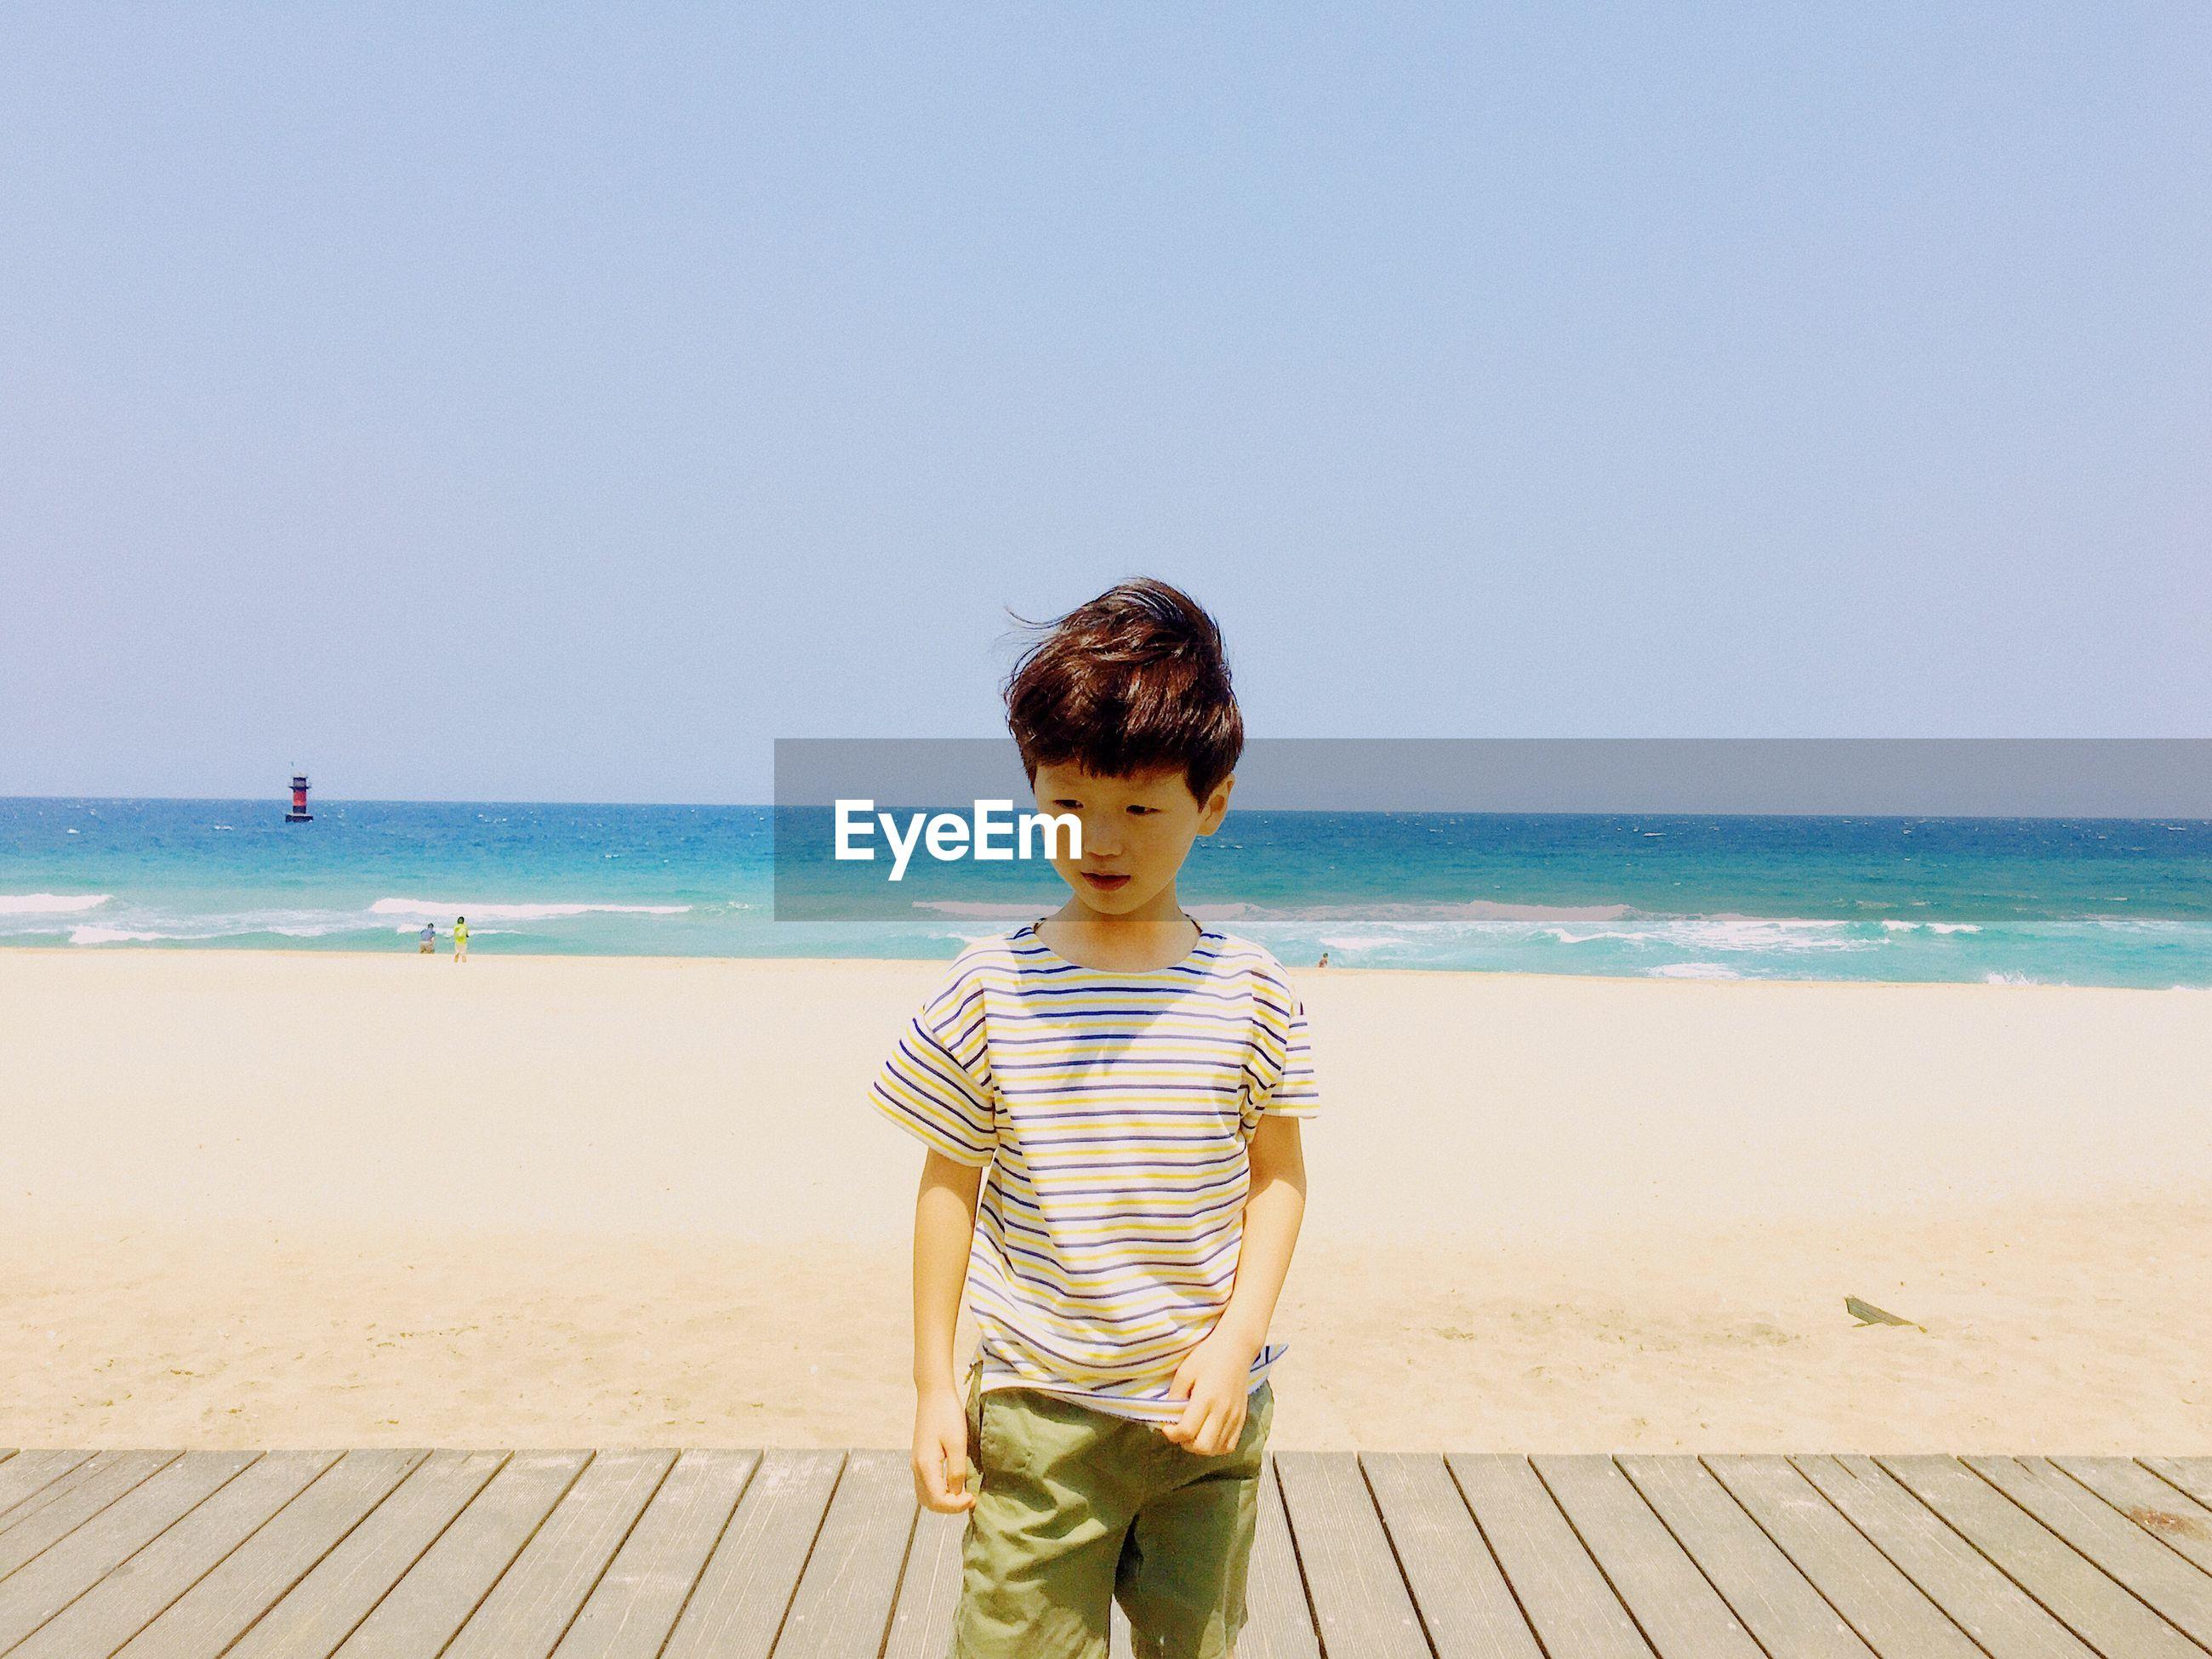 Boy On Boardwalk At Beach Against Clear Sky